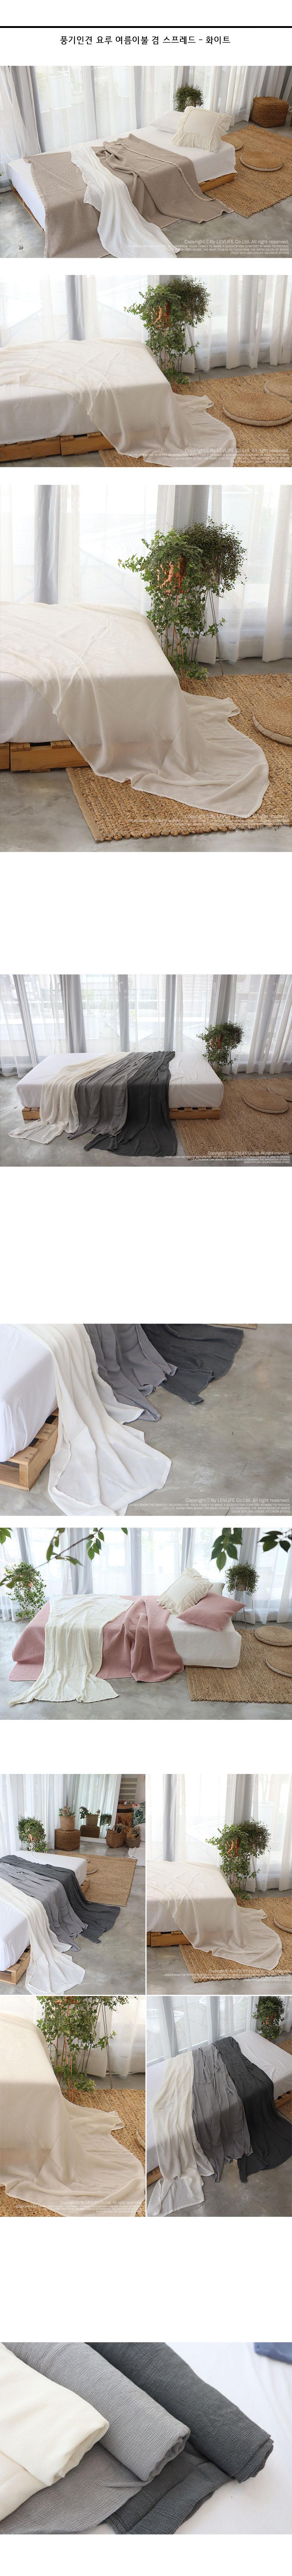 풍기인견 냉장고 요루 여름이불 겸 스프레드 mono - 레브라이프, 39,600원, 침구 단품, 홑이불